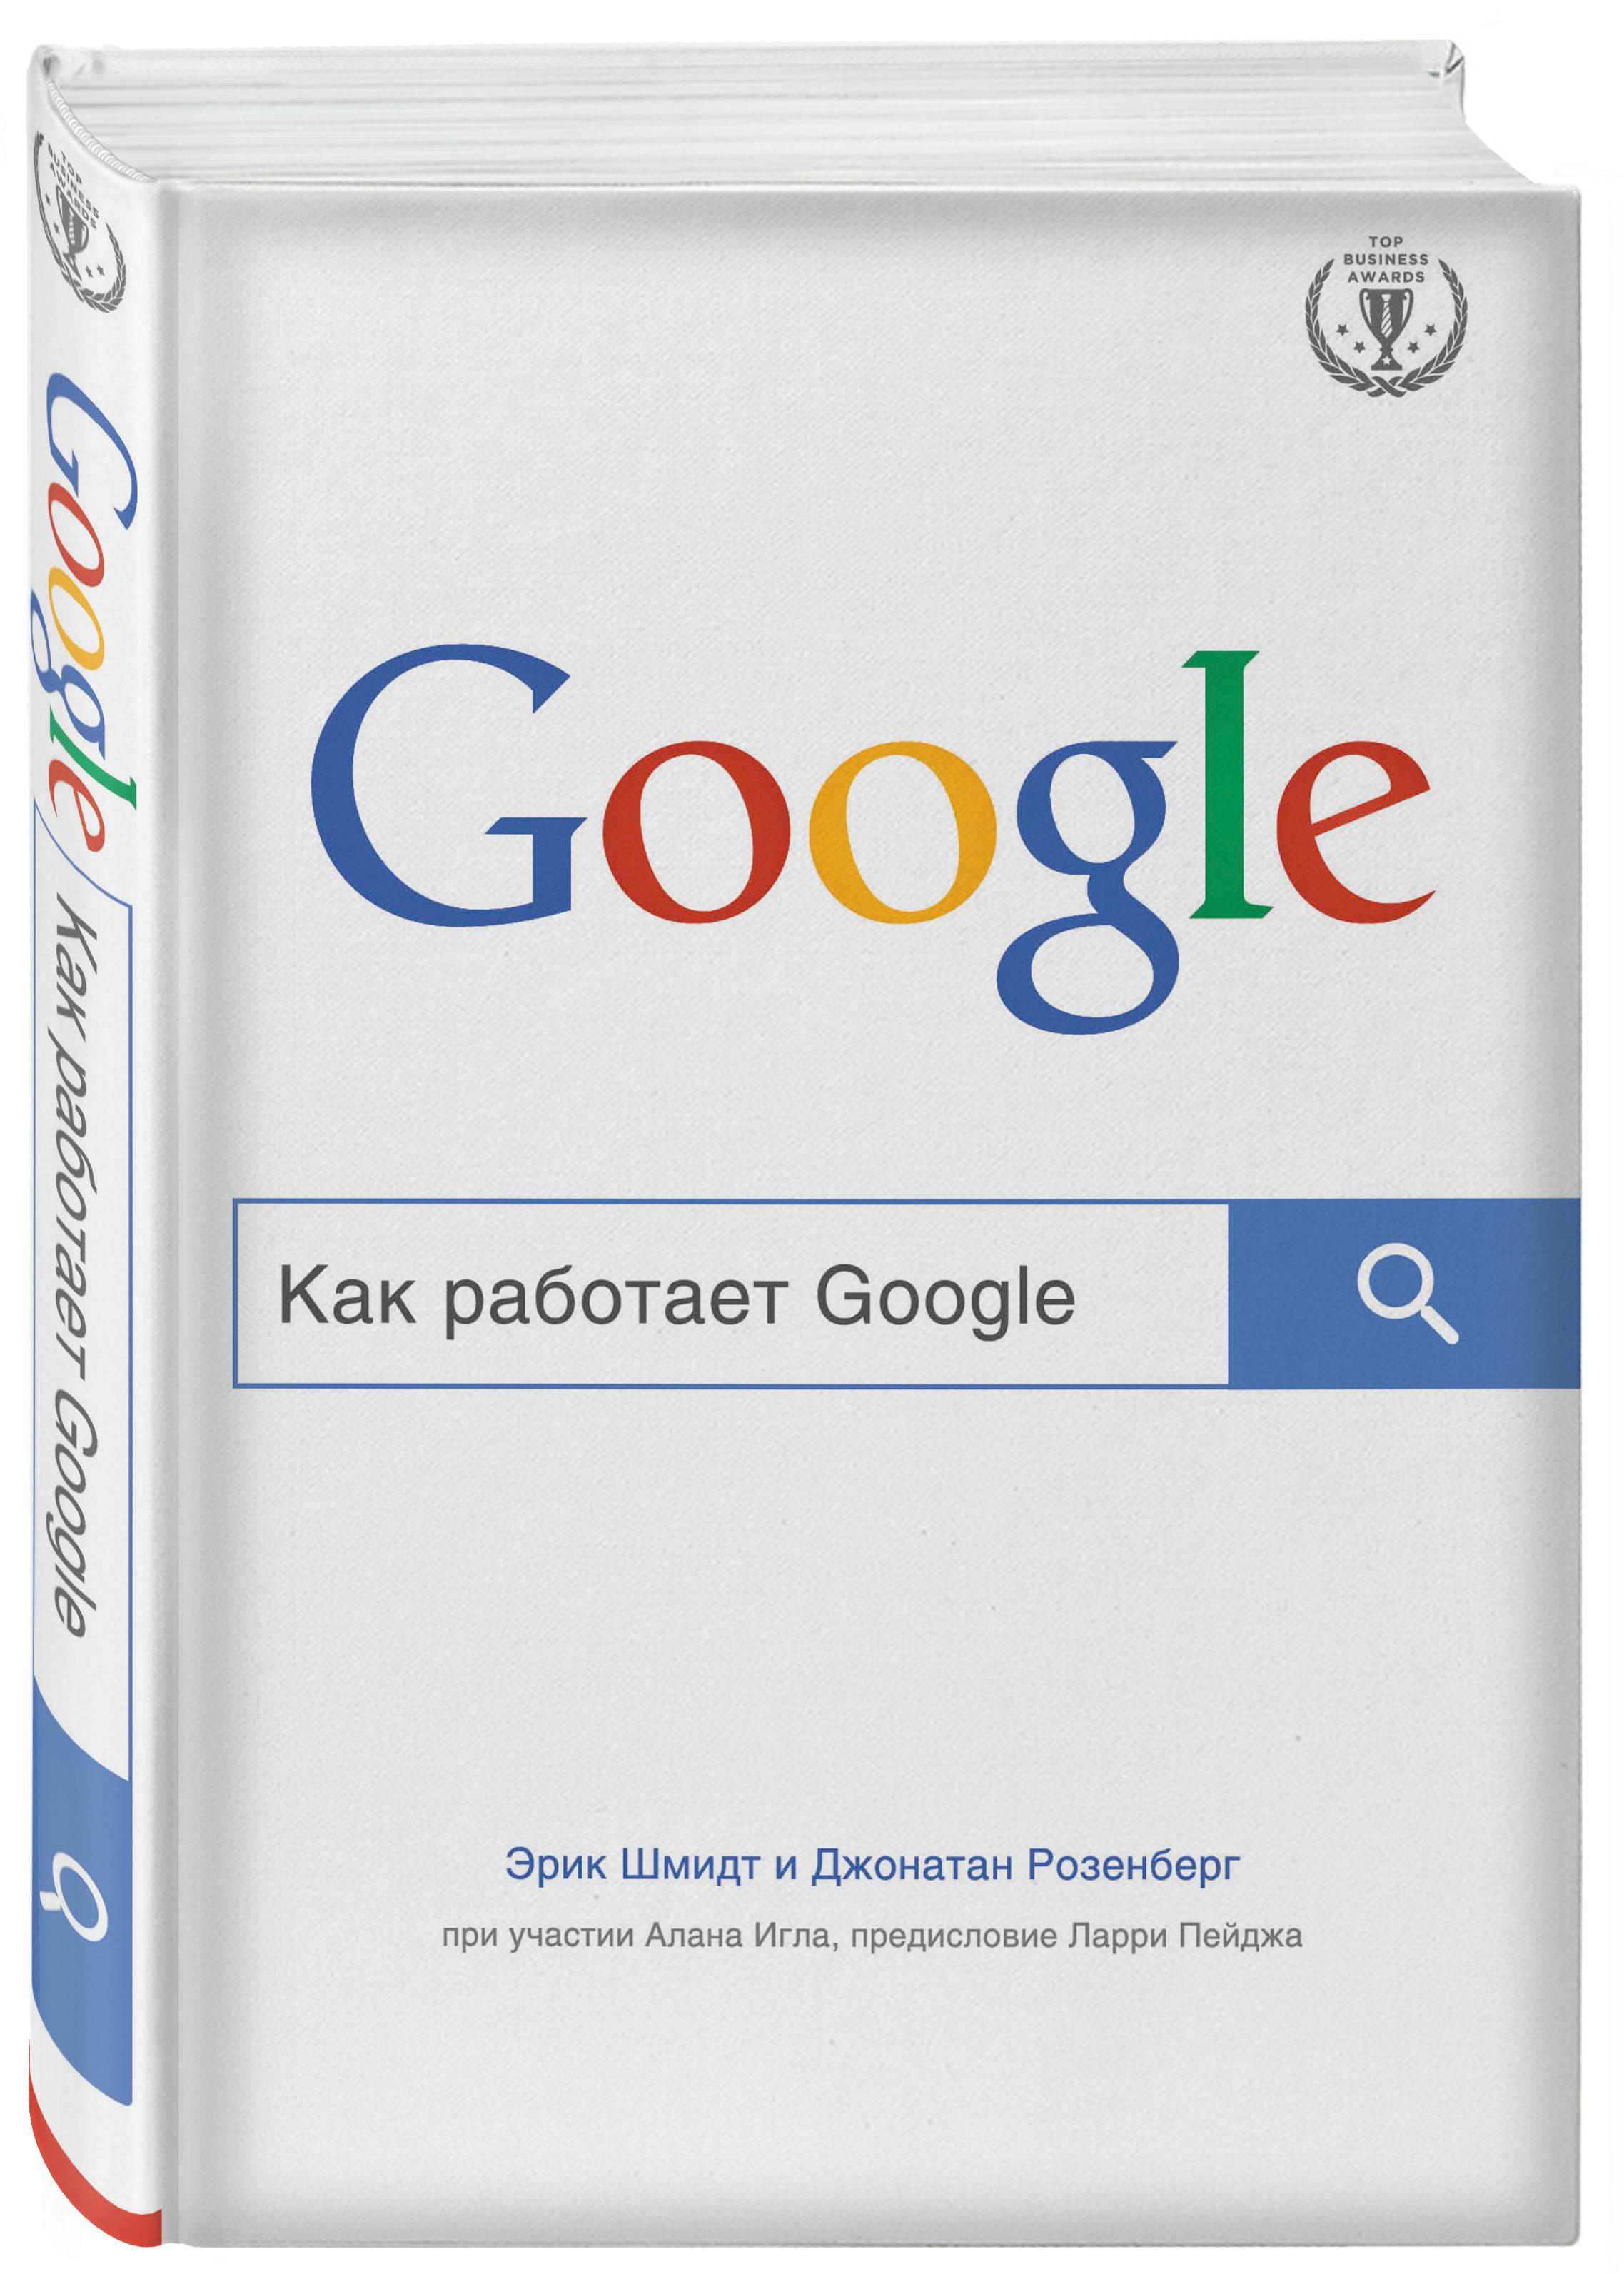 Шмидт Э., Розенберг Д. Как работает Google ISBN: 978-5-699-79320-4